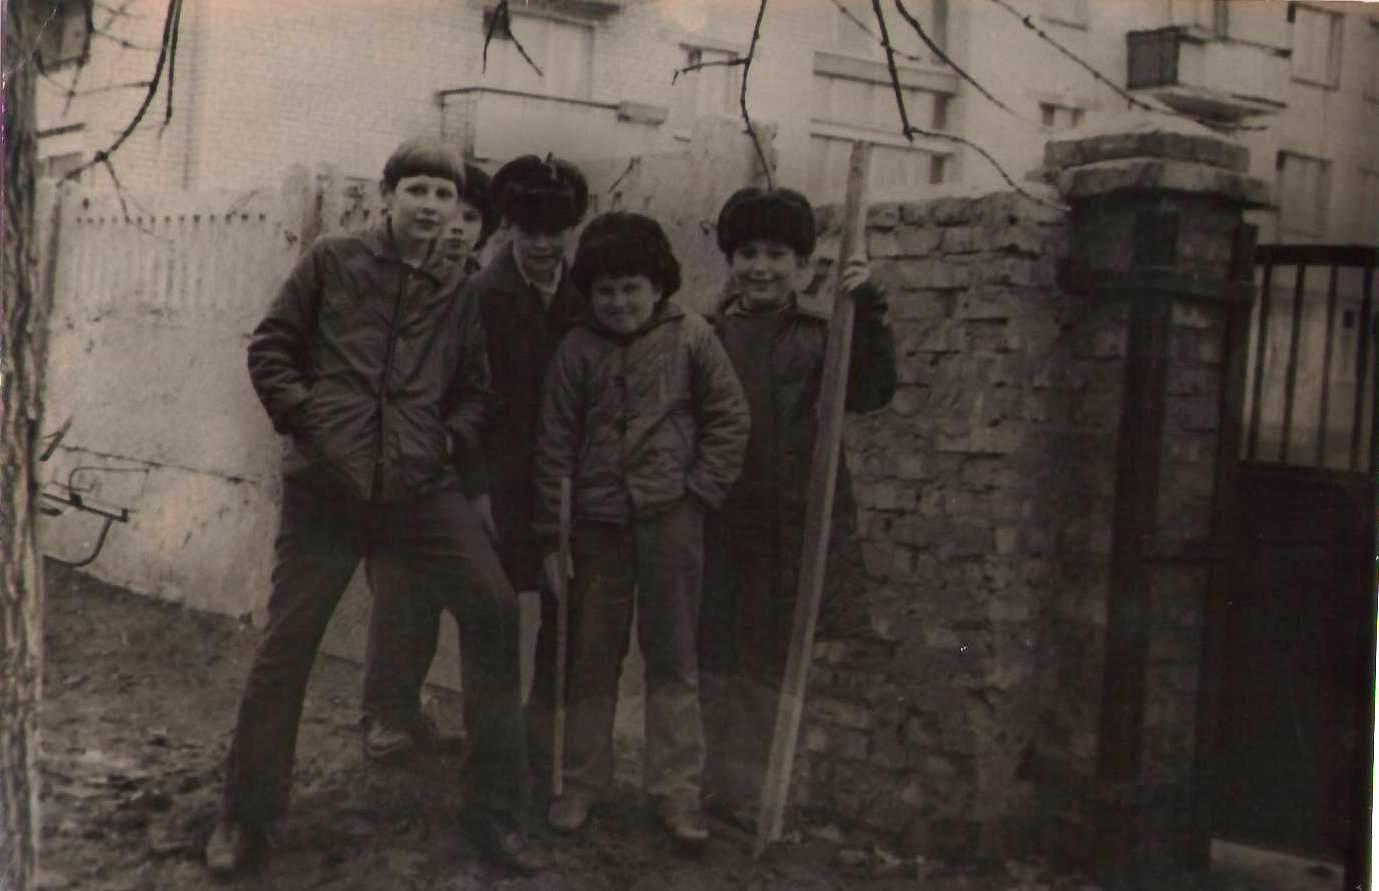 Детство прошло в дворике на улице Рабочей Виталий Пискун: «Считаю себя лучшим видеоблогером Днепра!»